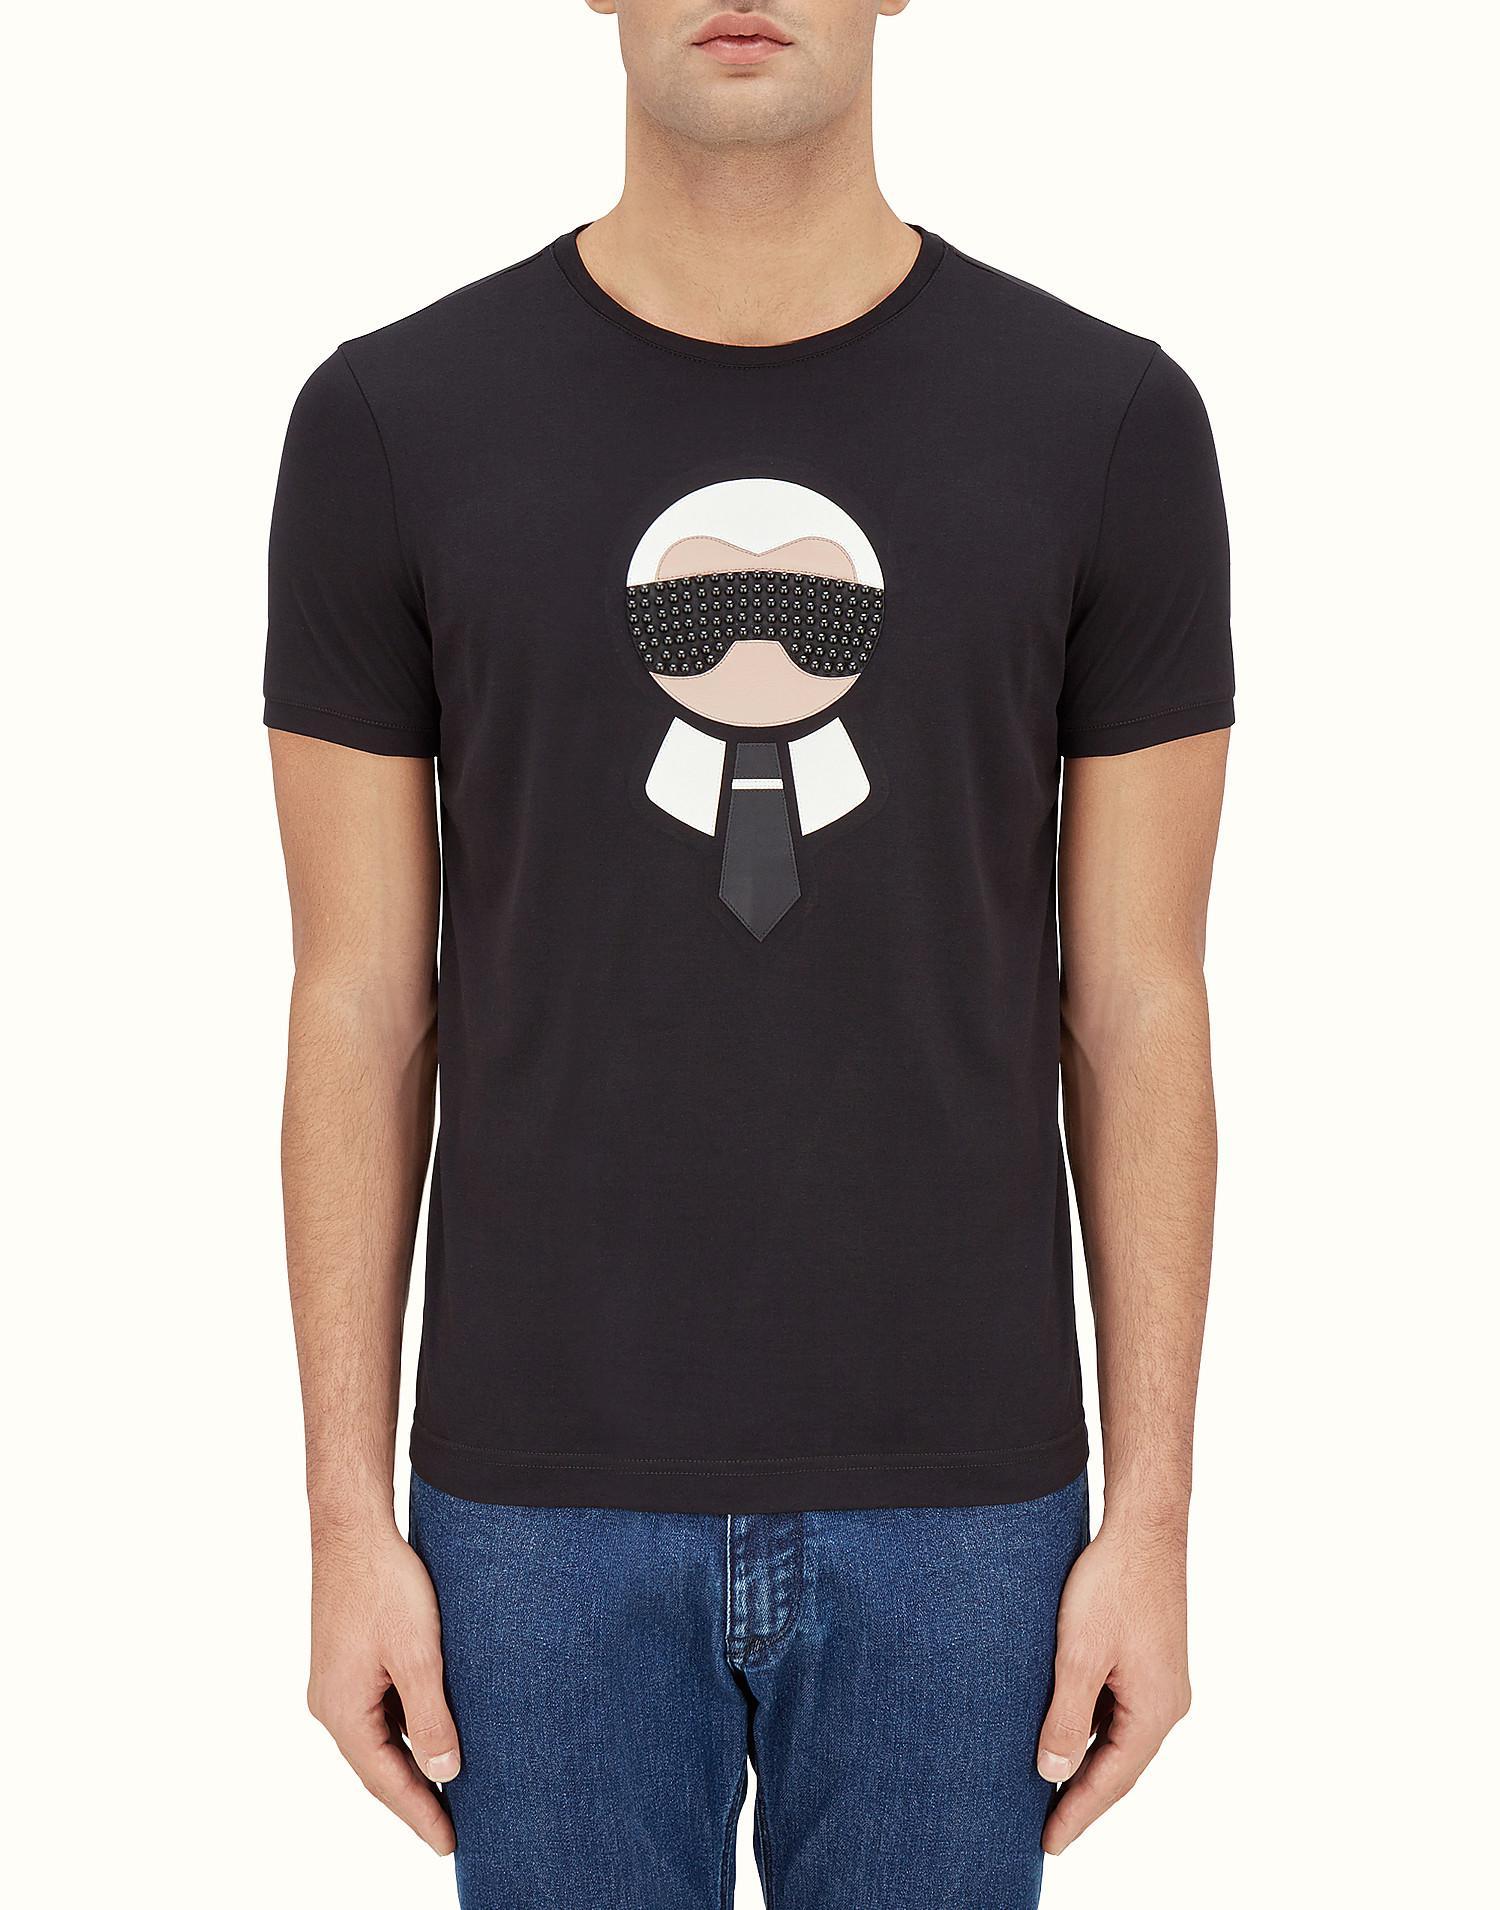 2b4c6411fcc Lyst - Fendi T- Shirt T- Shirt in Black for Men